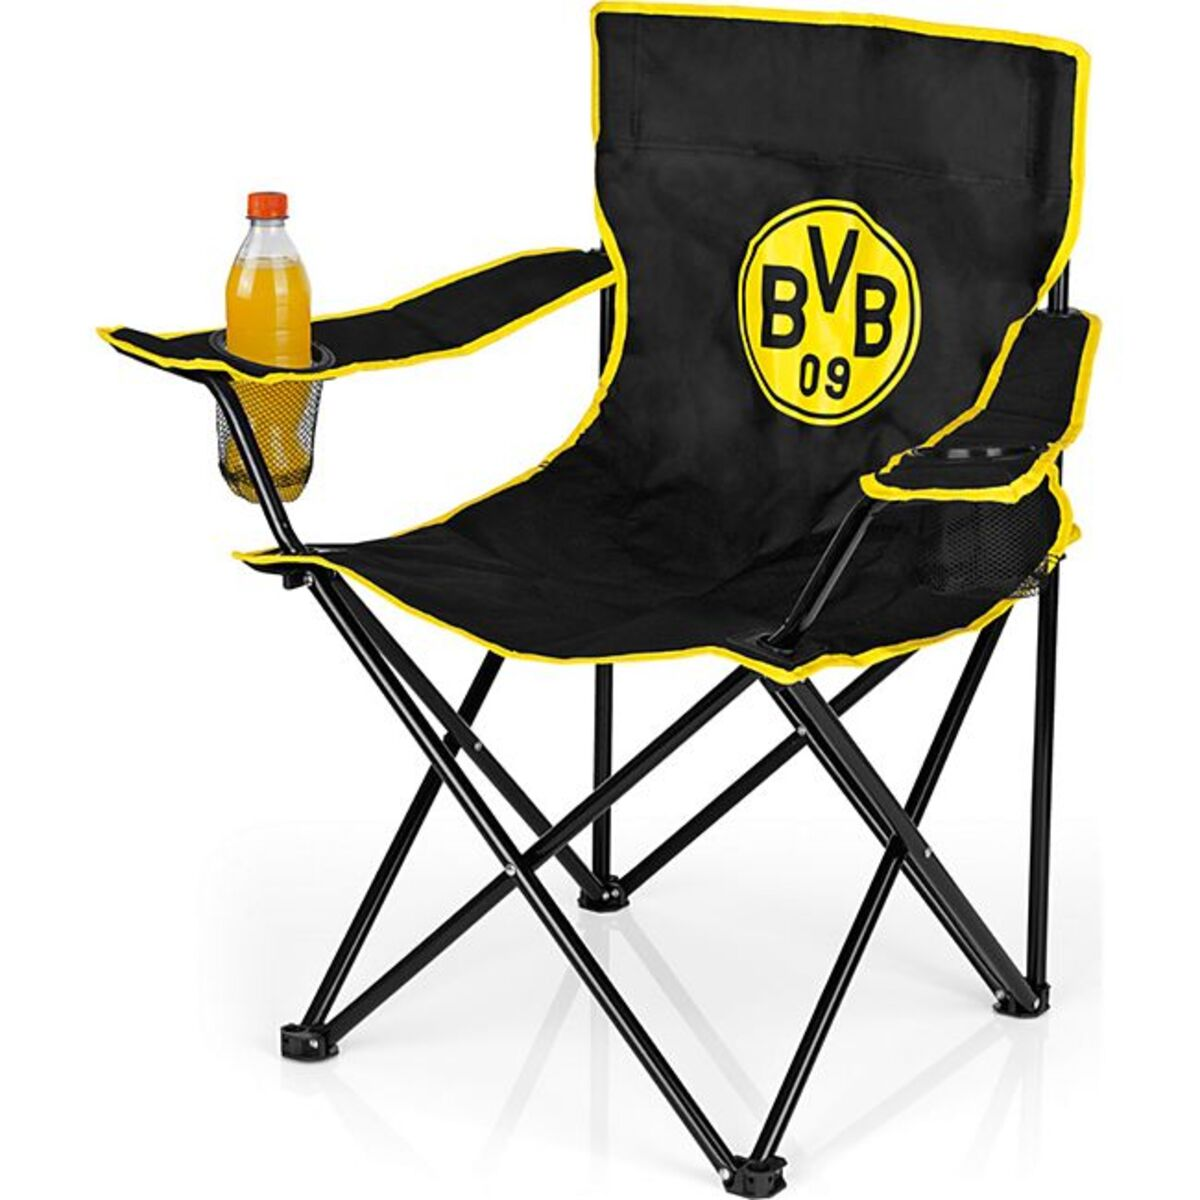 Bild 1 von BVB Campingstuhl faltbar 80x50cm schwarz/gelb mit Logo